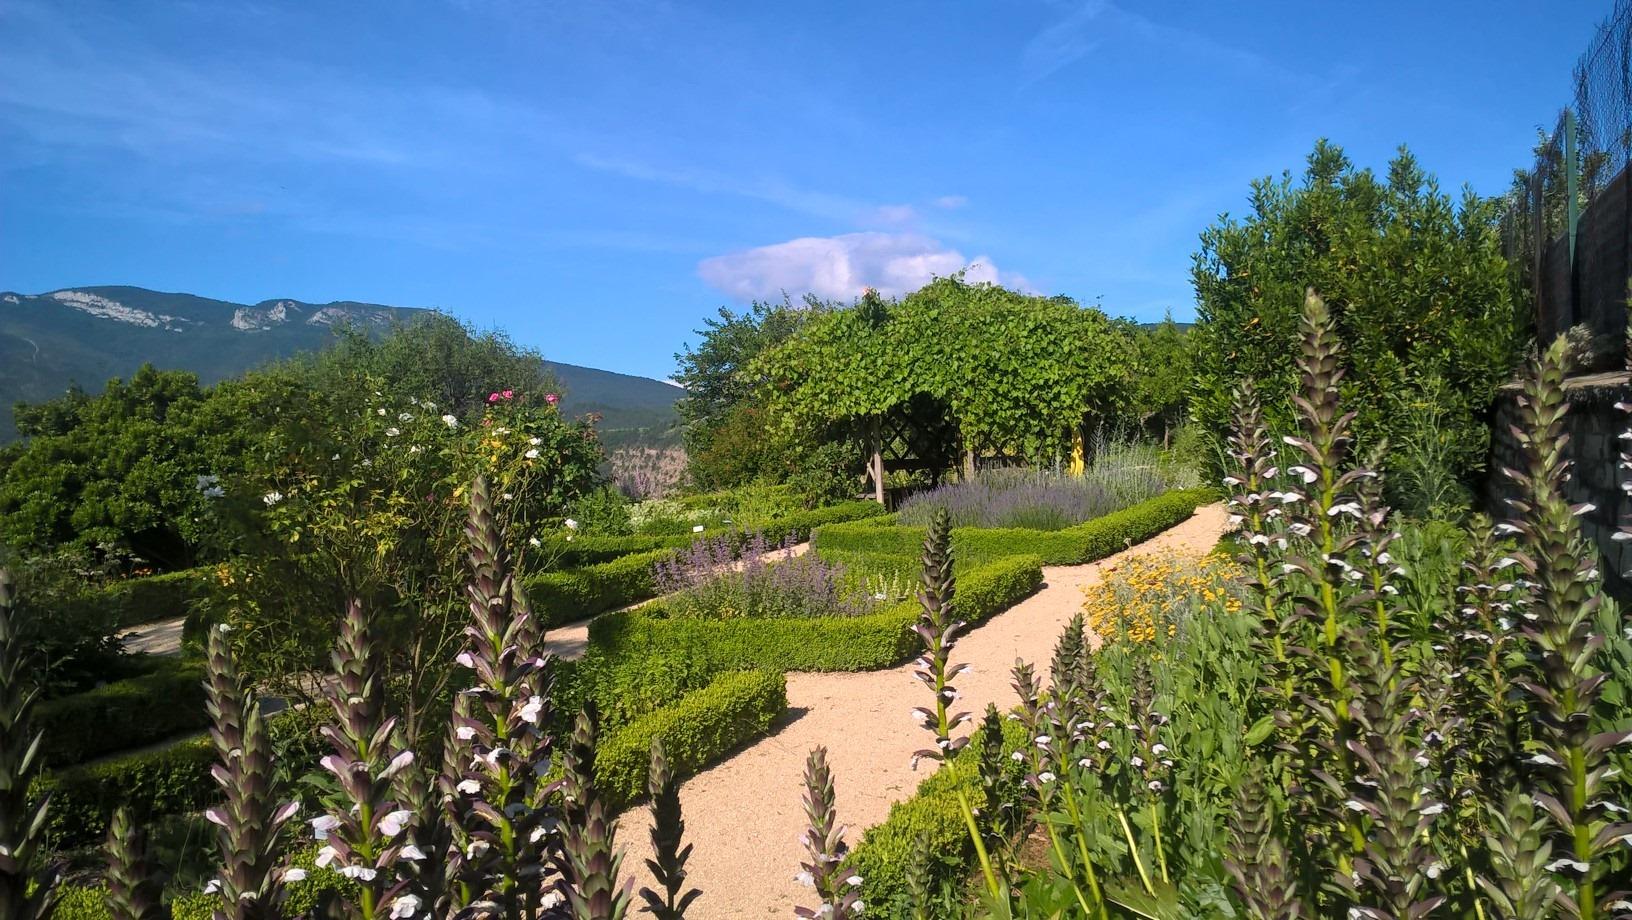 Le jardin de plantes médicinales du Monastère de Sainte Croix